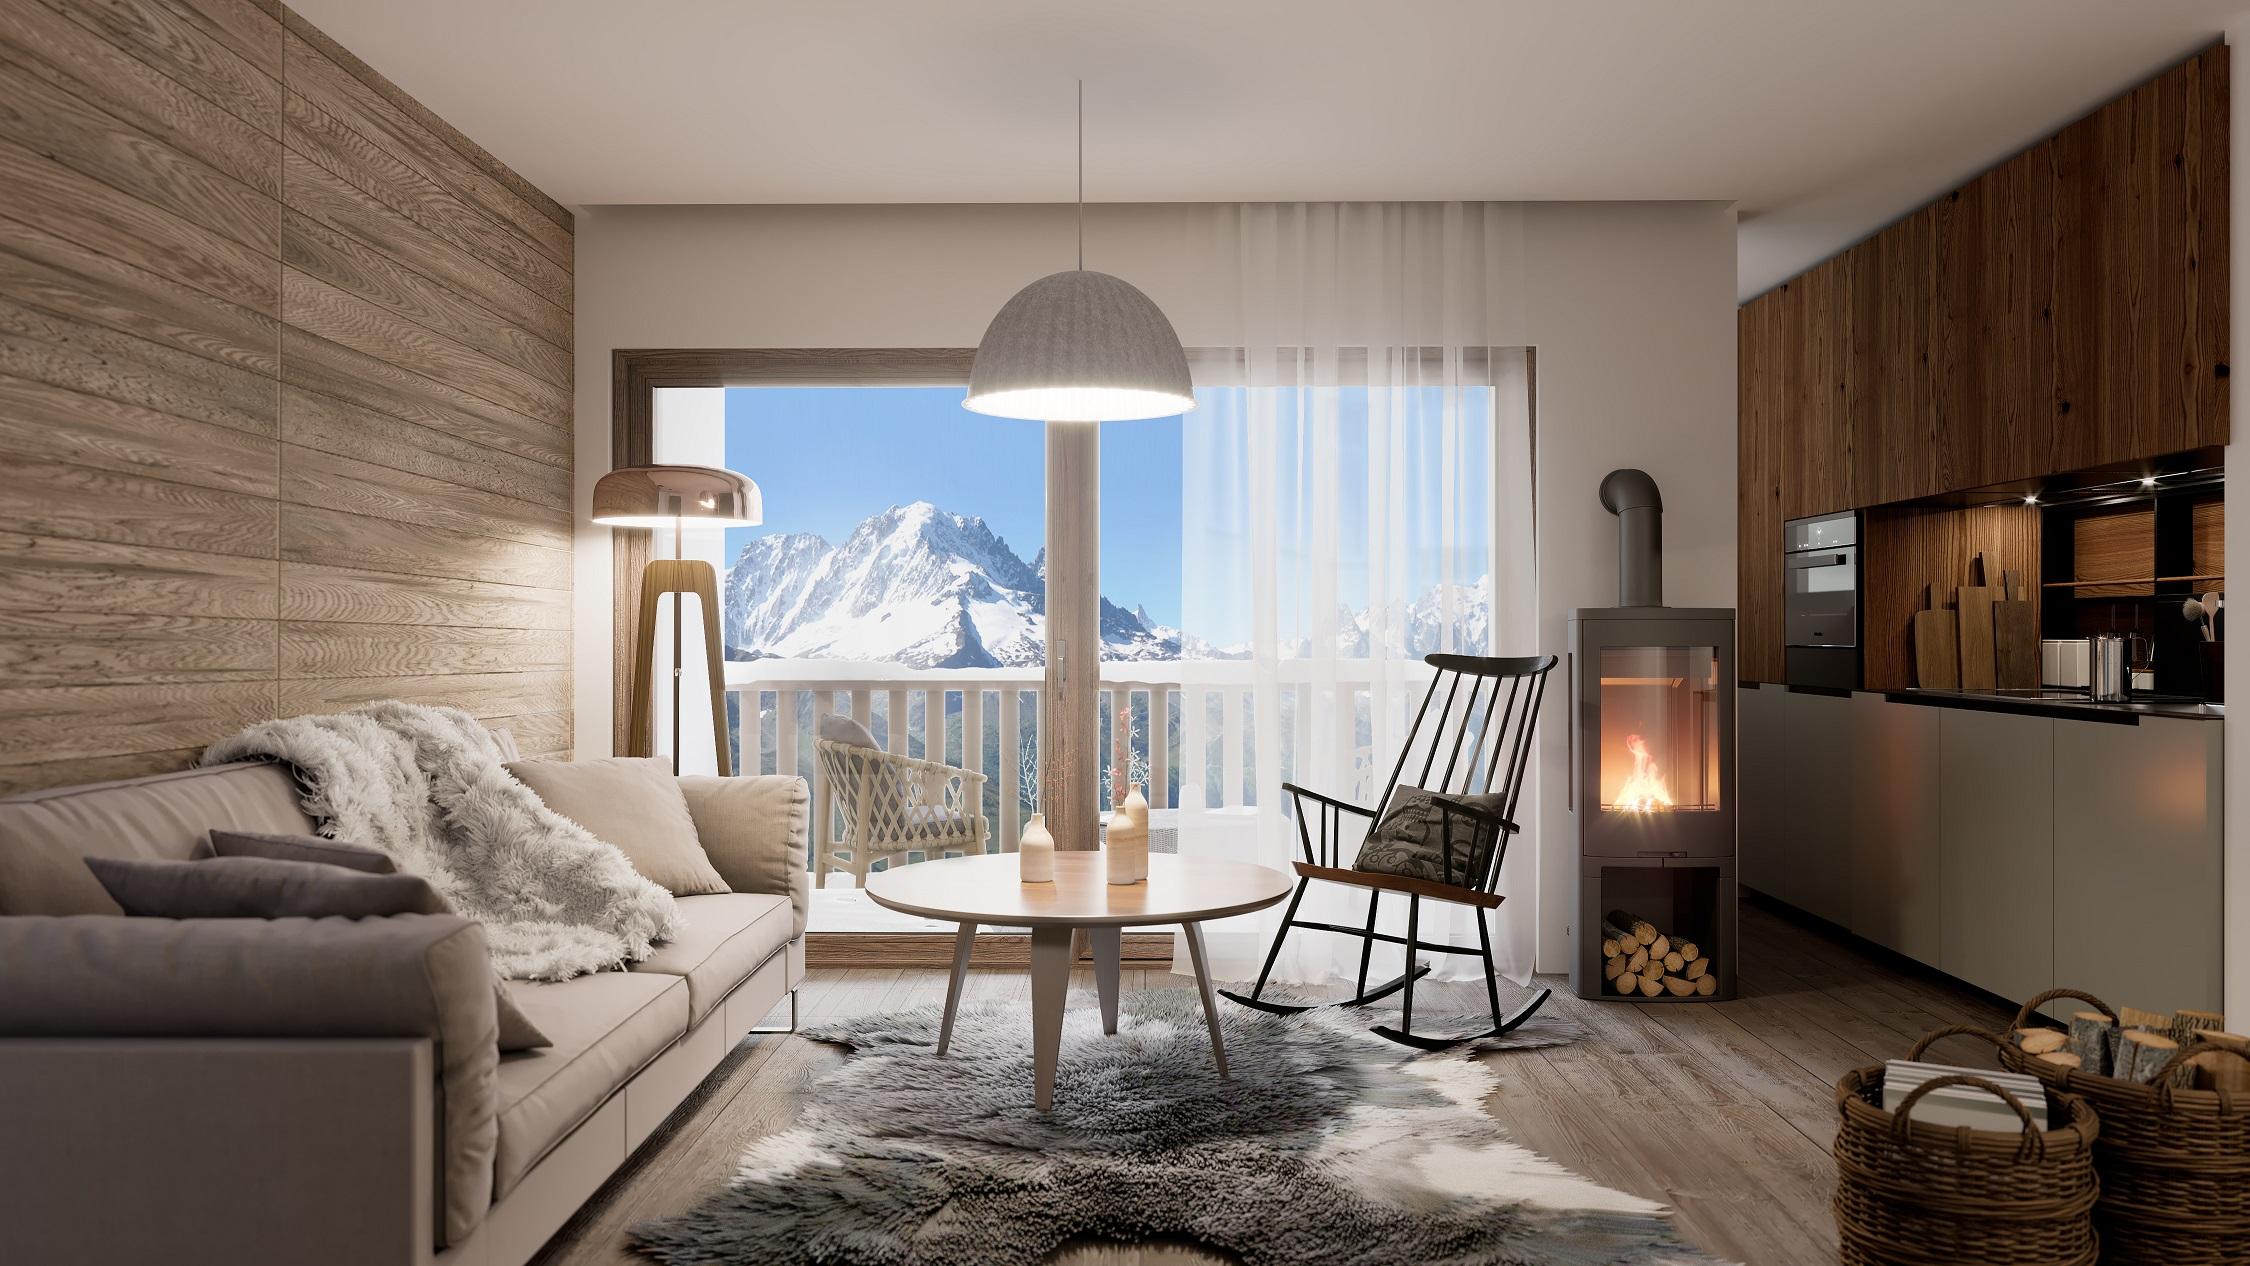 camera con vista monte bianco